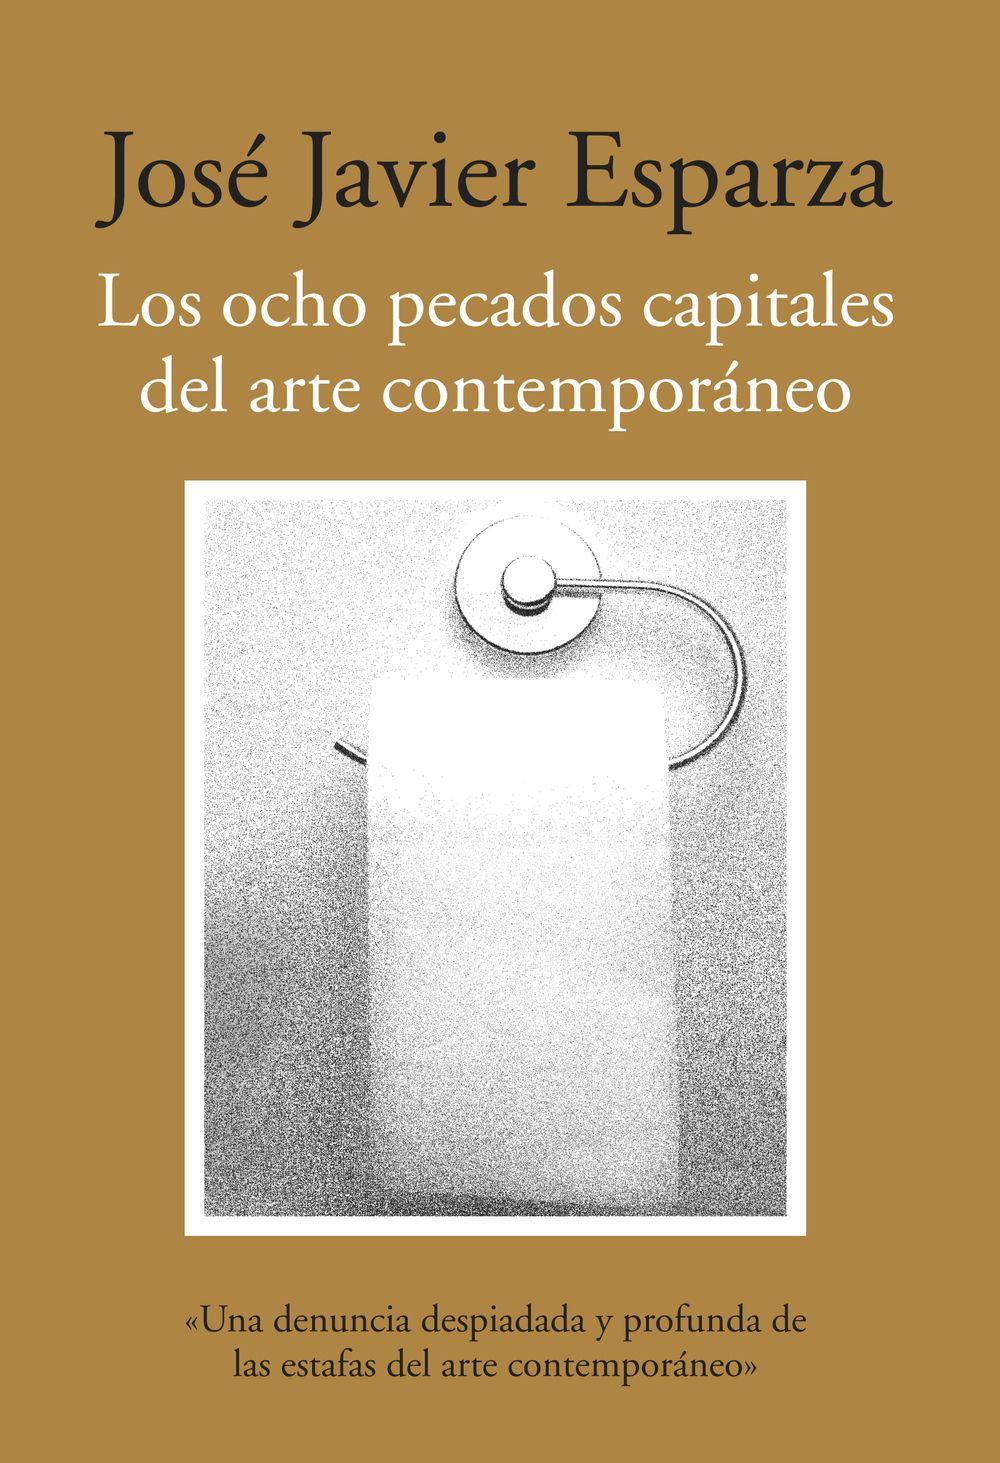 LOS OCHO PECADOS CAPITALES DEL ARTE CONTEMPORÁNEO